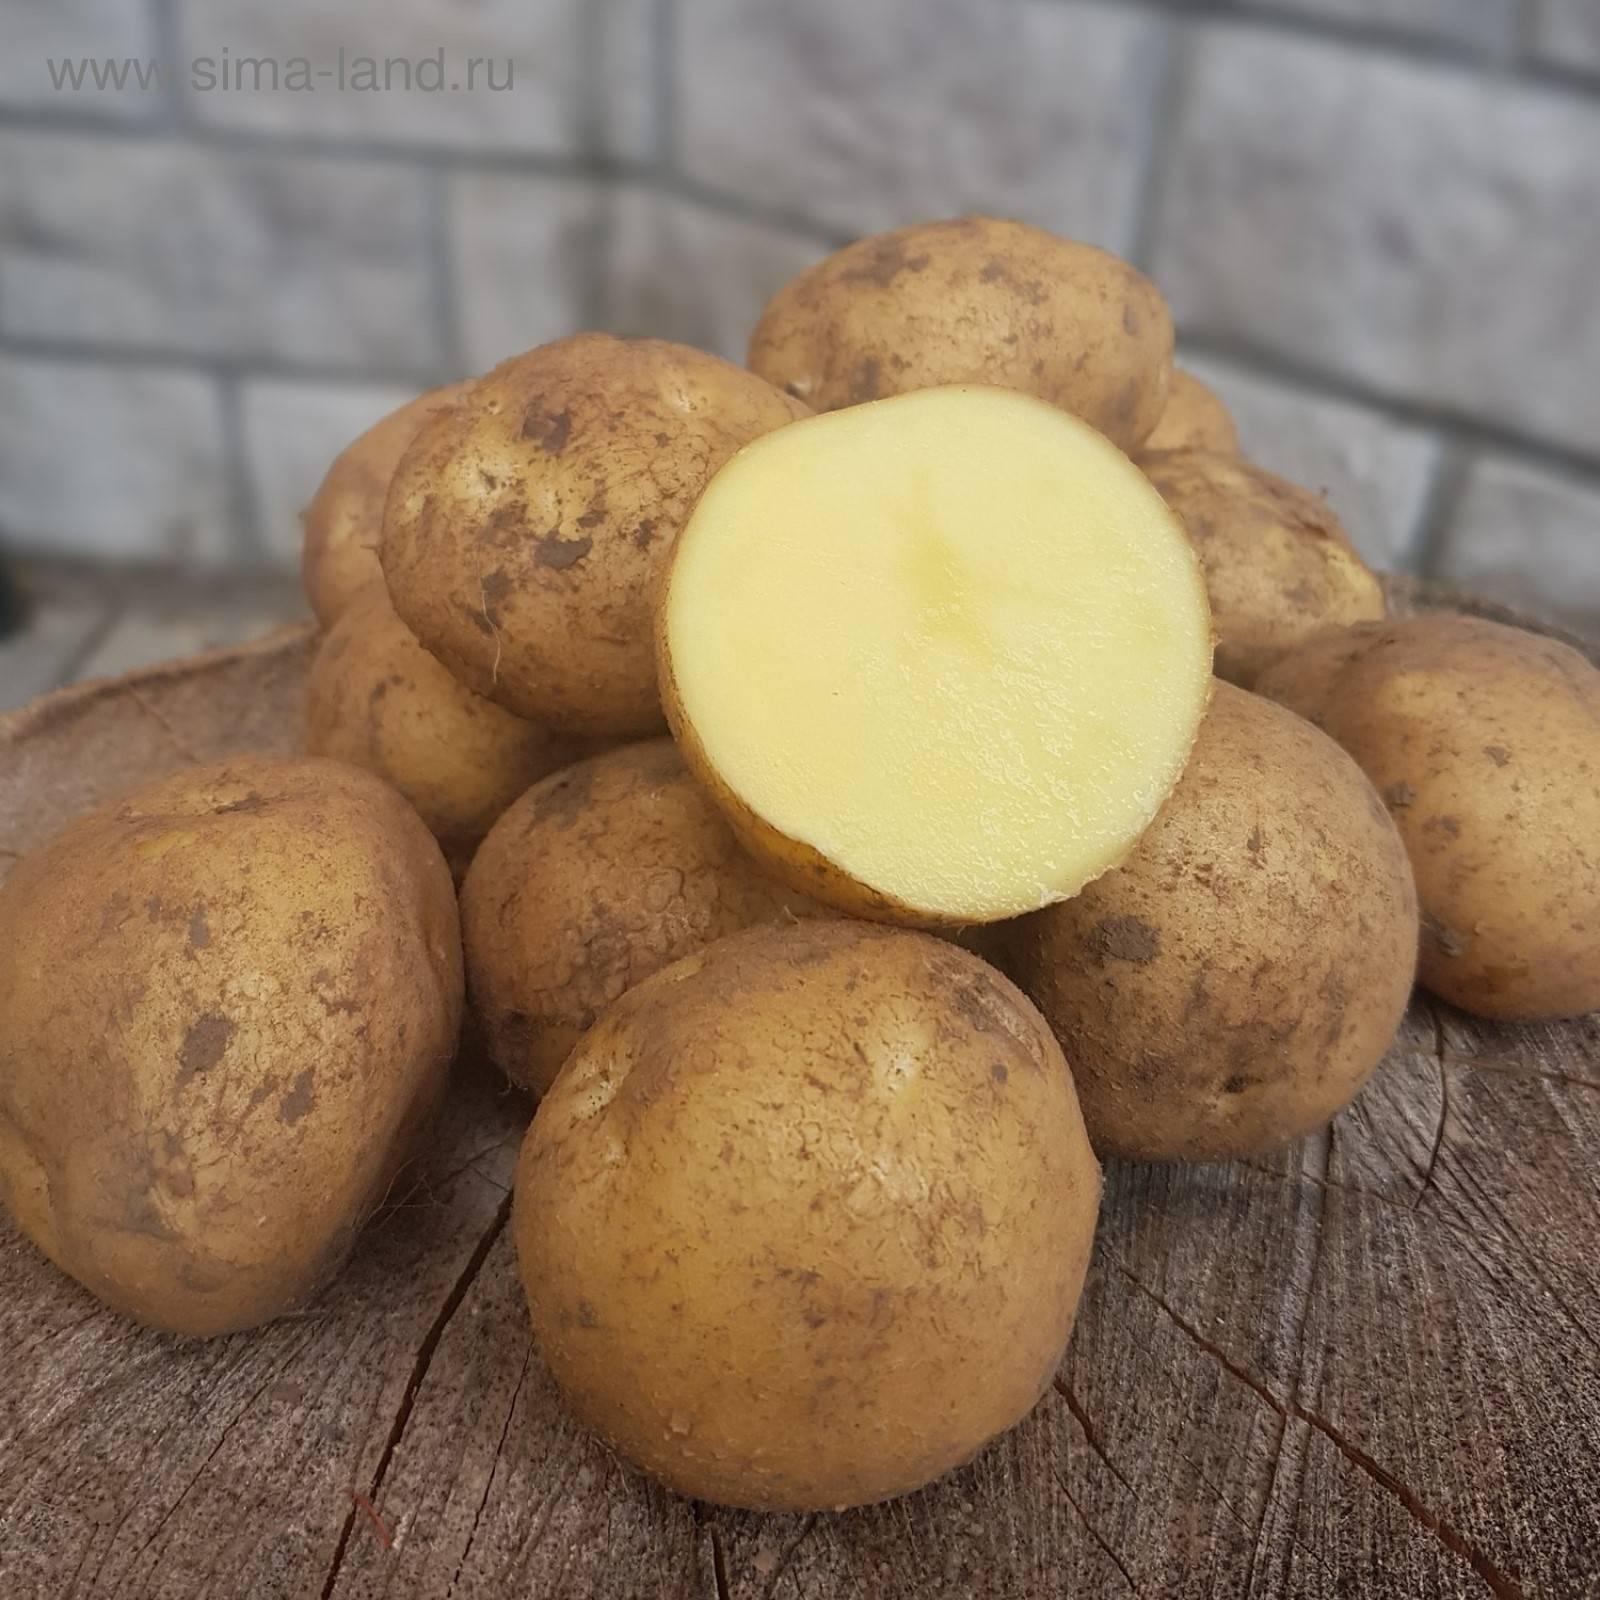 ᐉ сорт картофеля «метеор» – описание и фото - roza-zanoza.ru